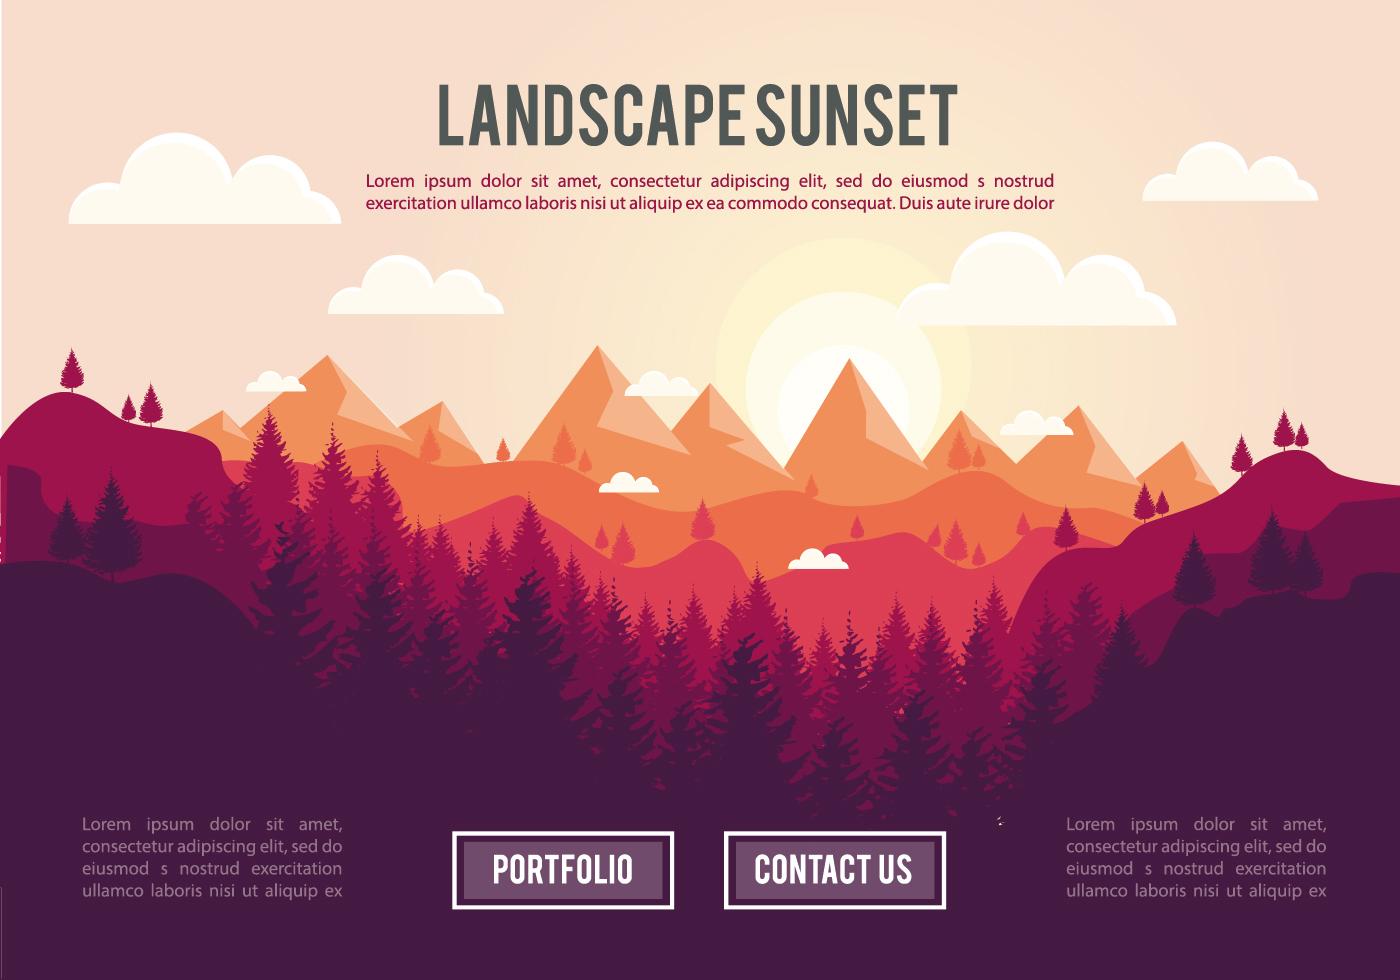 Landscape Sunset Psd Background Free Photoshop Brushes At Brusheezy